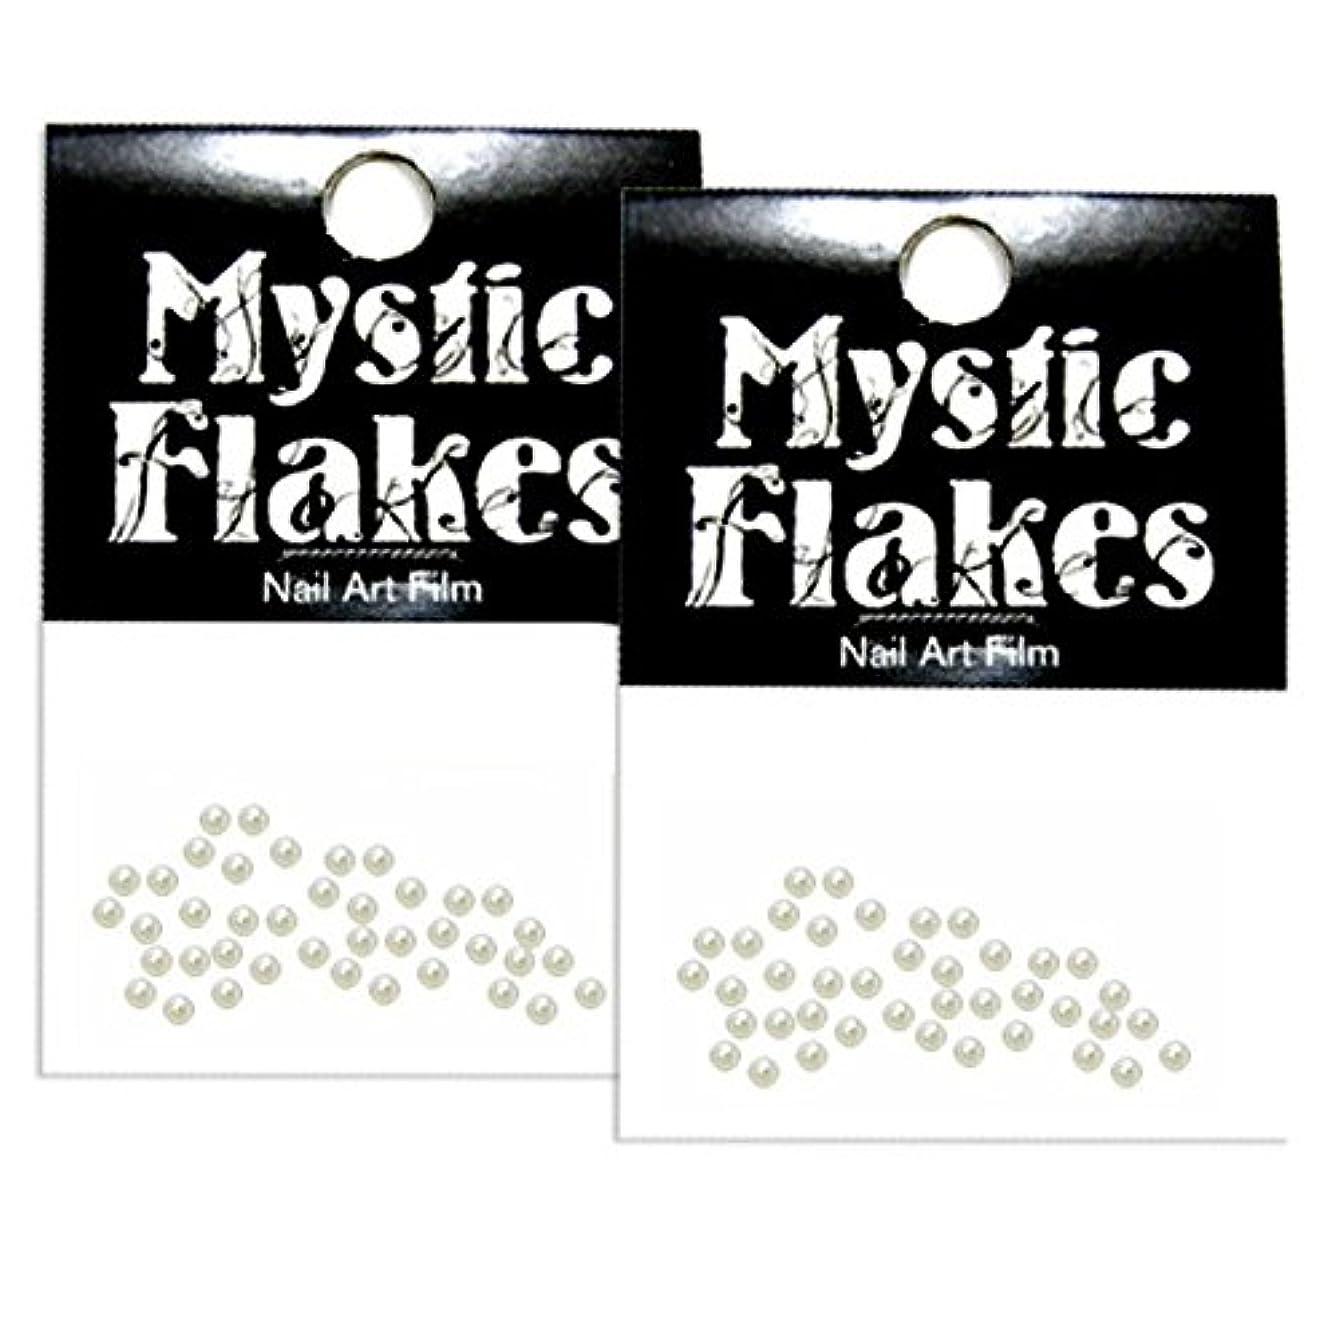 分子に負けるスカートミスティックフレース ネイル用ストーン パールストーン オフホワイト 2mm /40P 2個セット